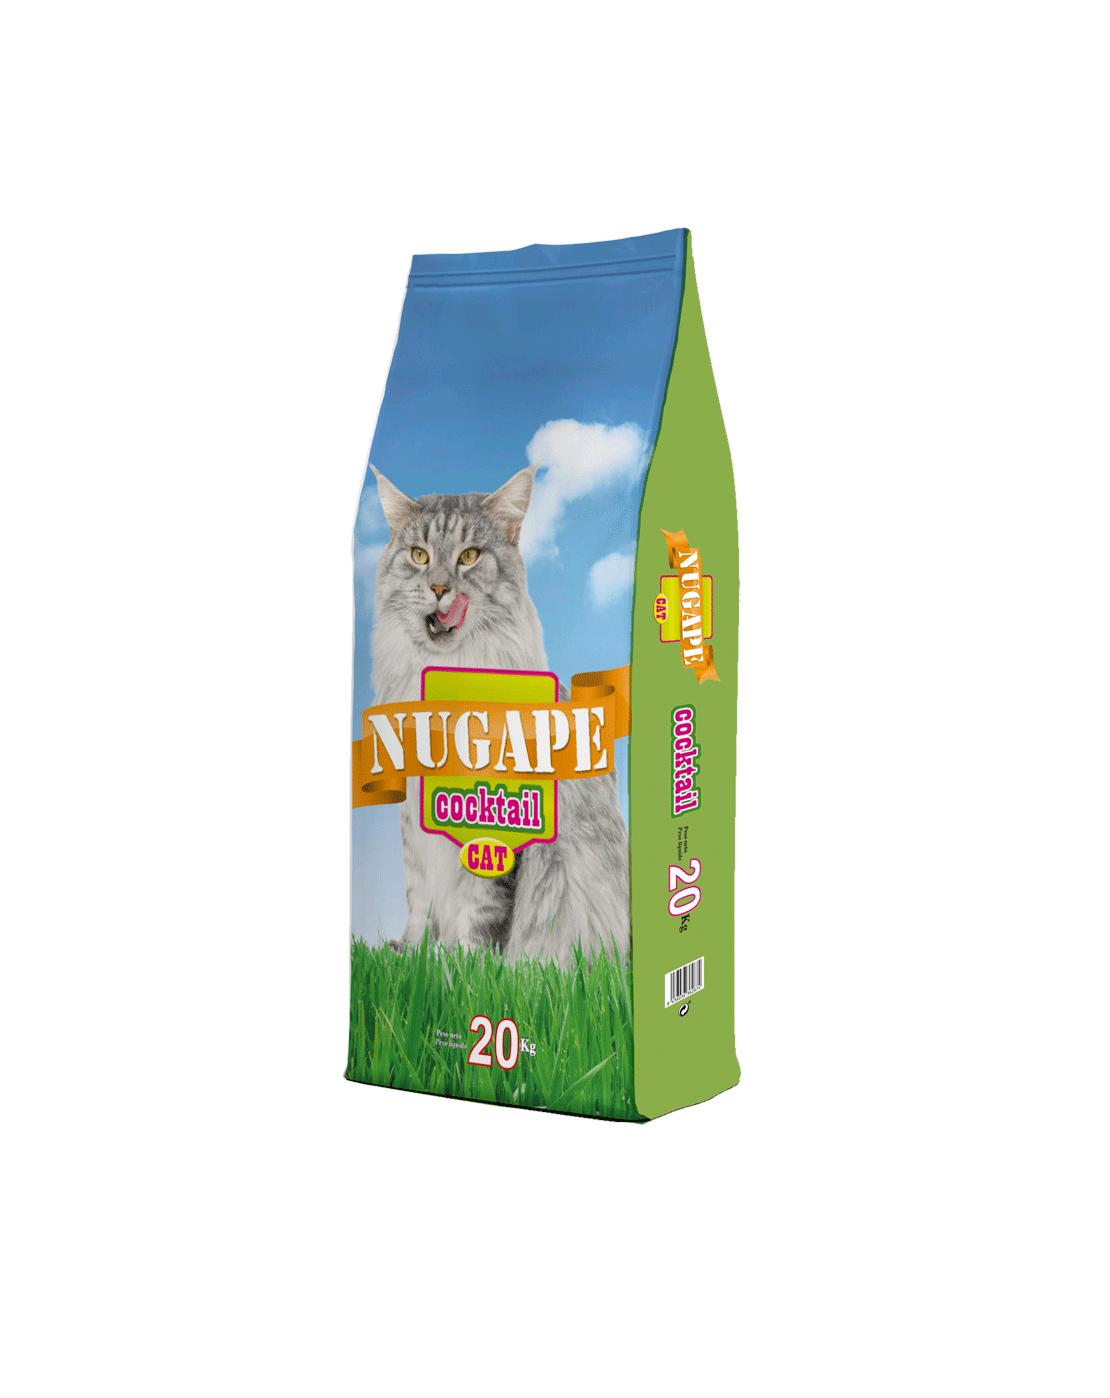 32/14 NUGAPE CAT COCKTAIL